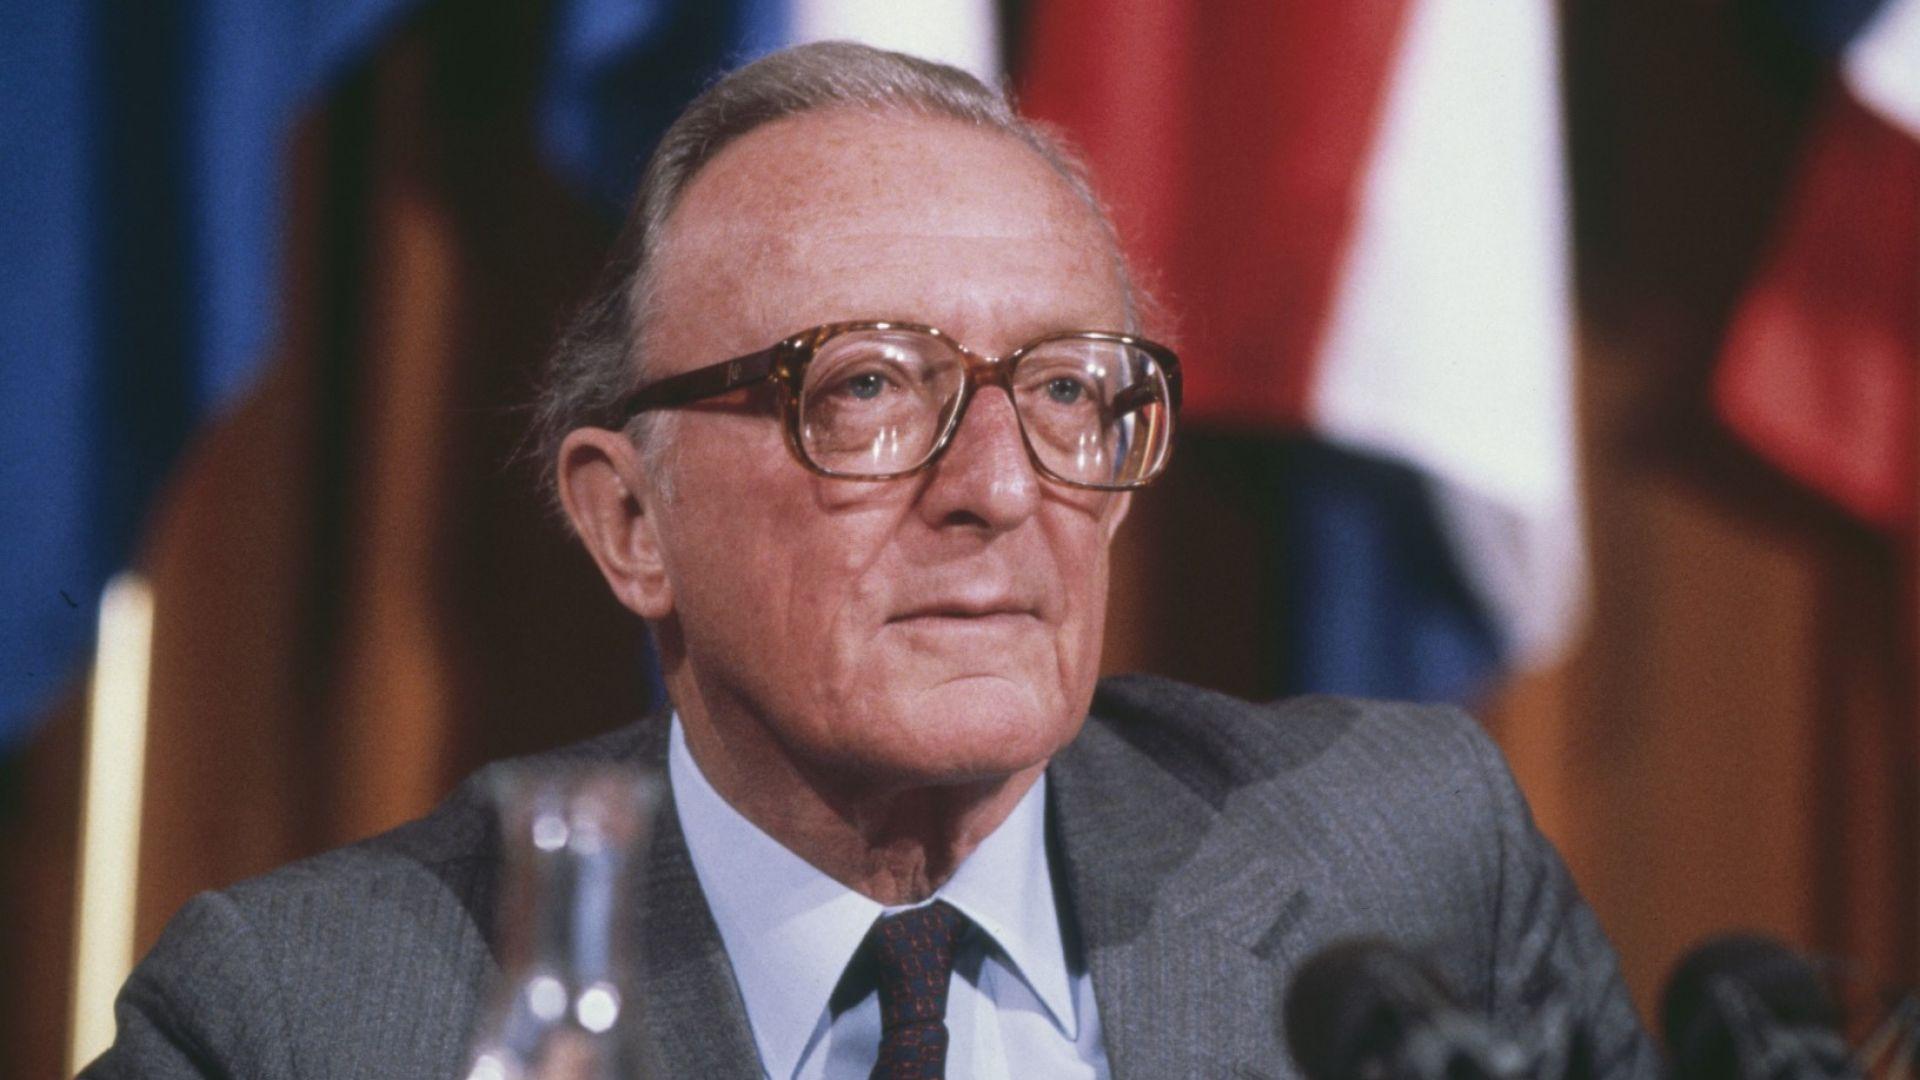 Почина лорд Карингтън - министър от кабинетите на Чърчил и Тачър, ексшеф на НАТО